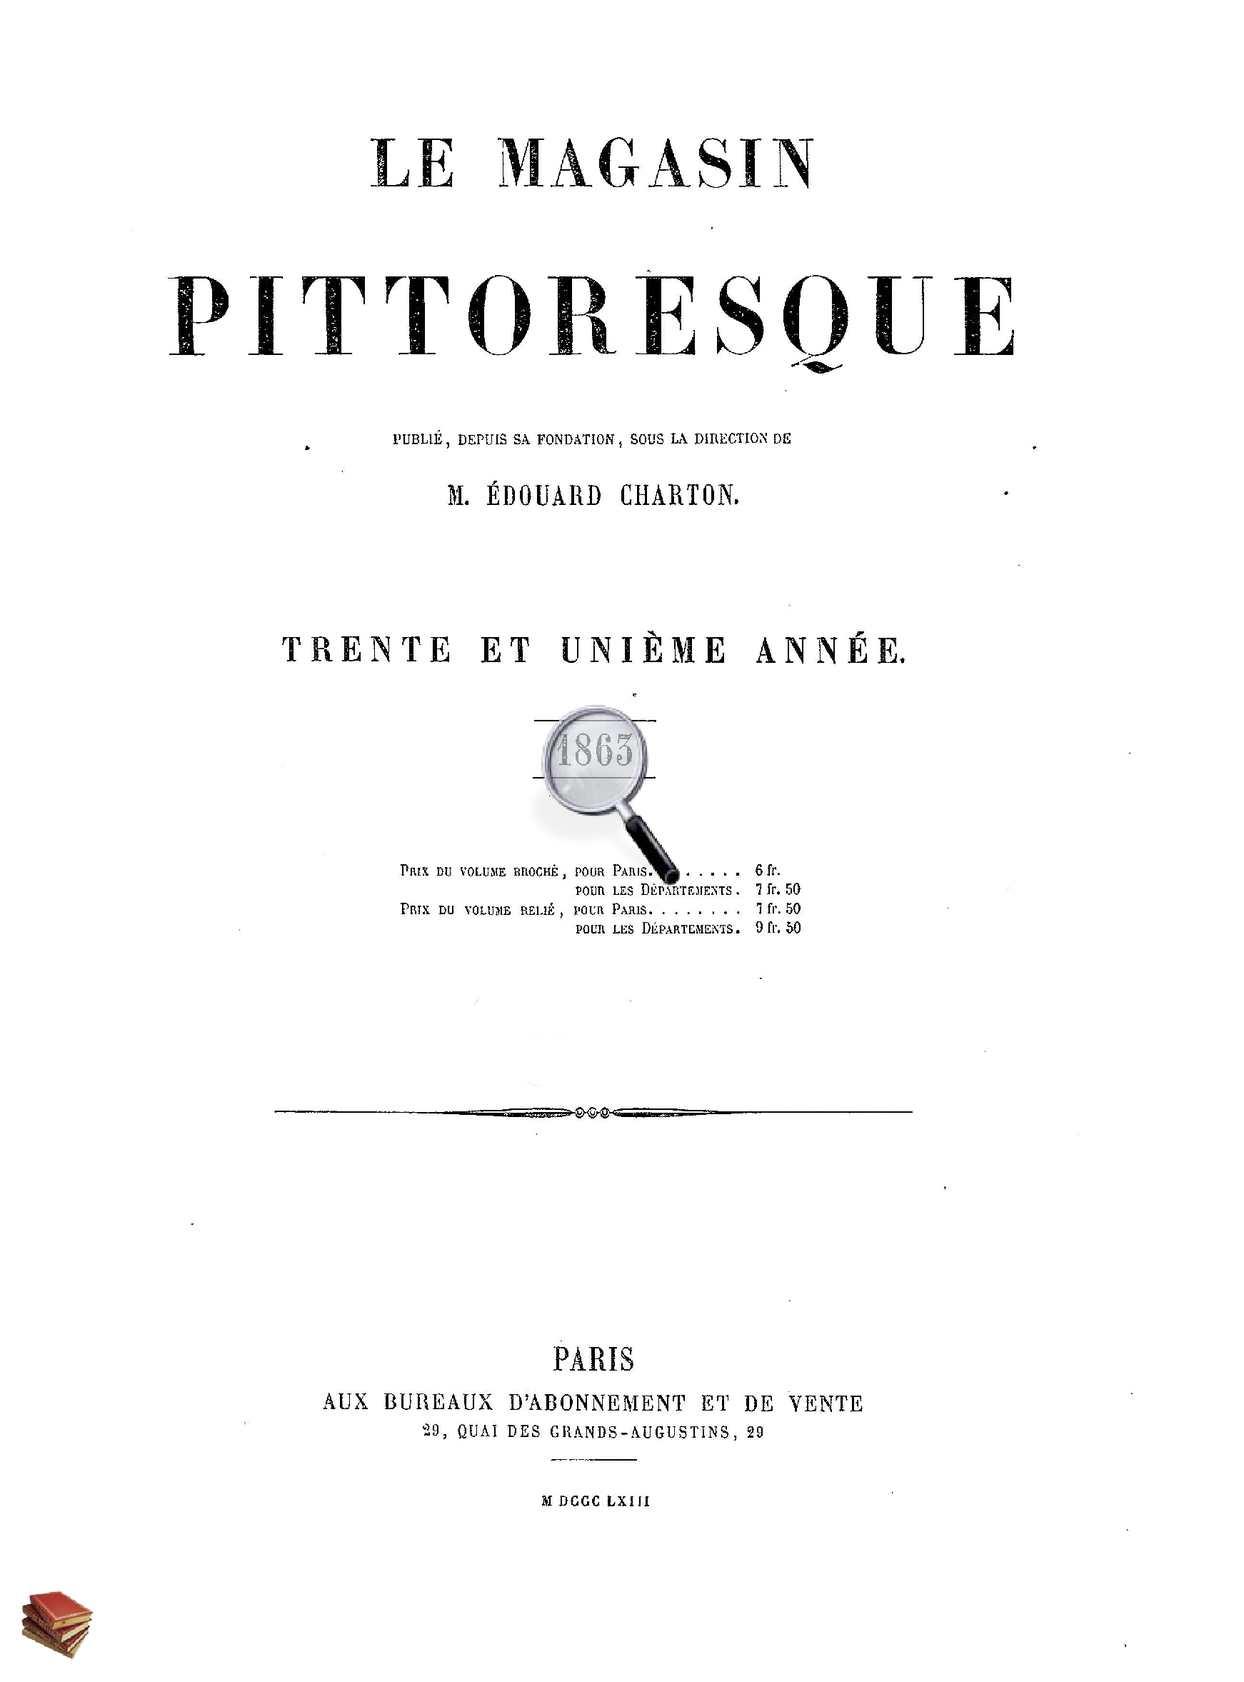 Calaméo Le Magasin Pittoresque 1863